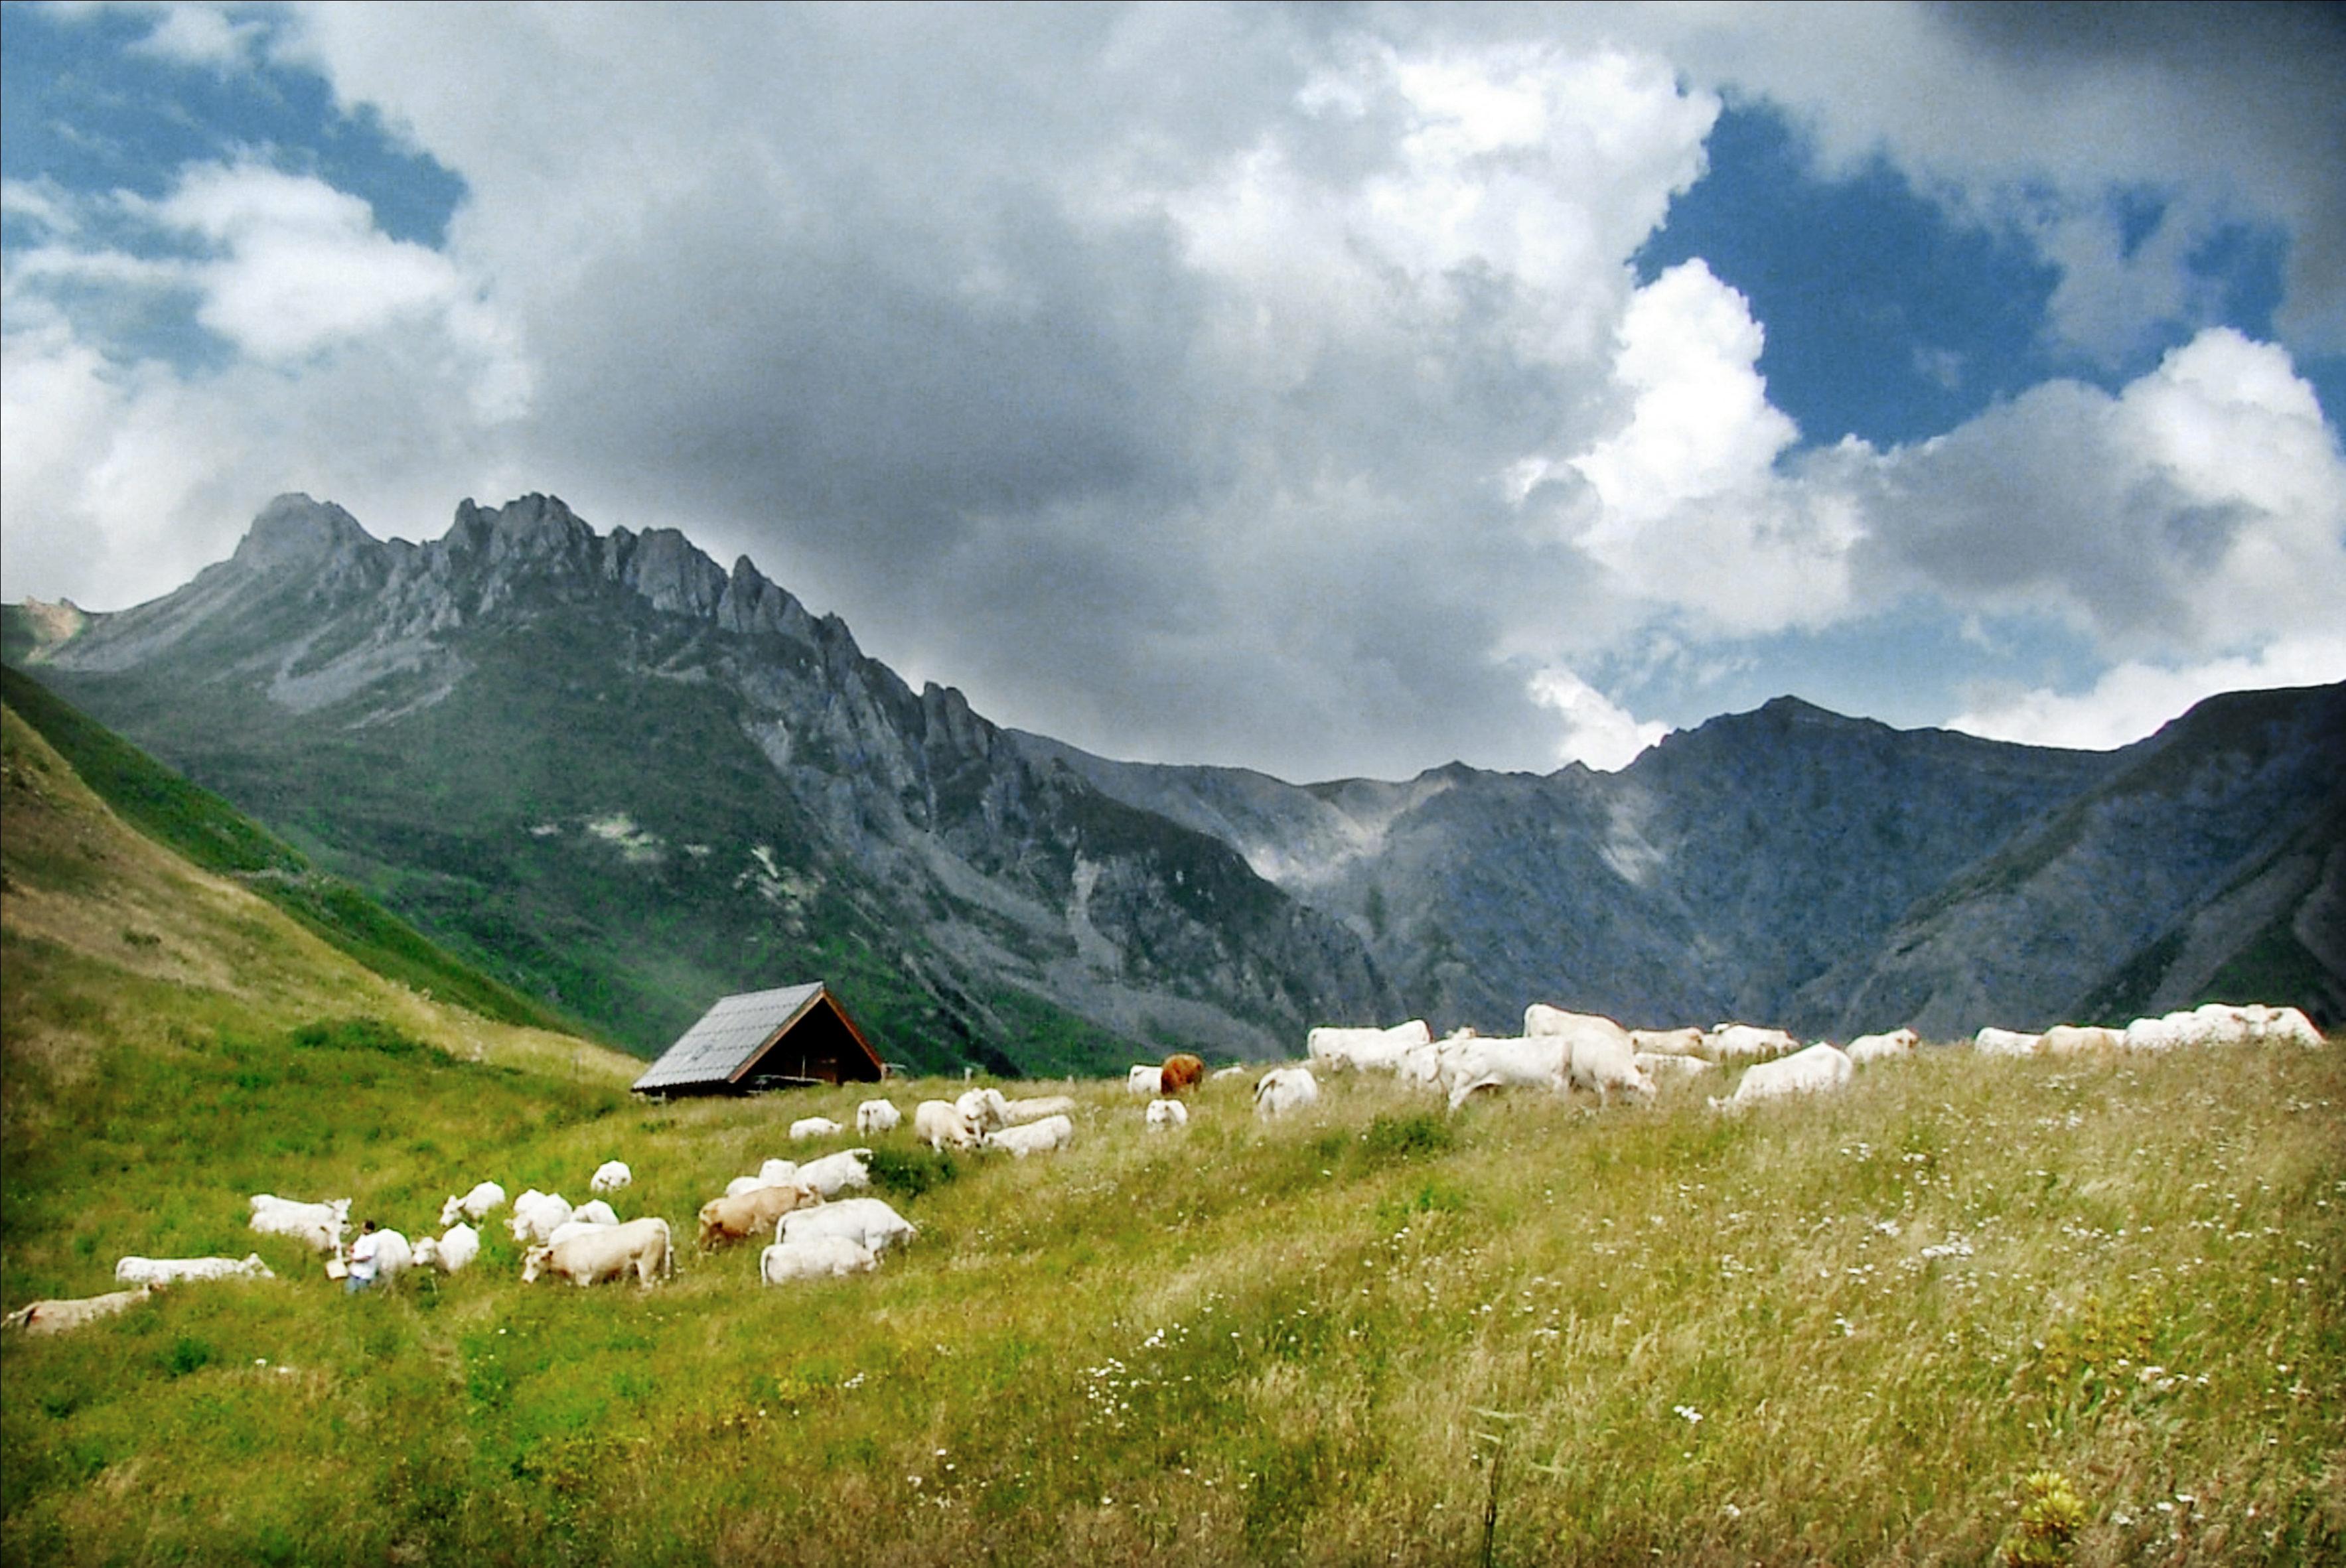 vaches en alpage-Saveurs de nos fermes-Magasin de producteurs Saveurs de nos fermes -Albertville-Gilly Sur Isère-savoie- vente directe- agriculteur-produits locaux-